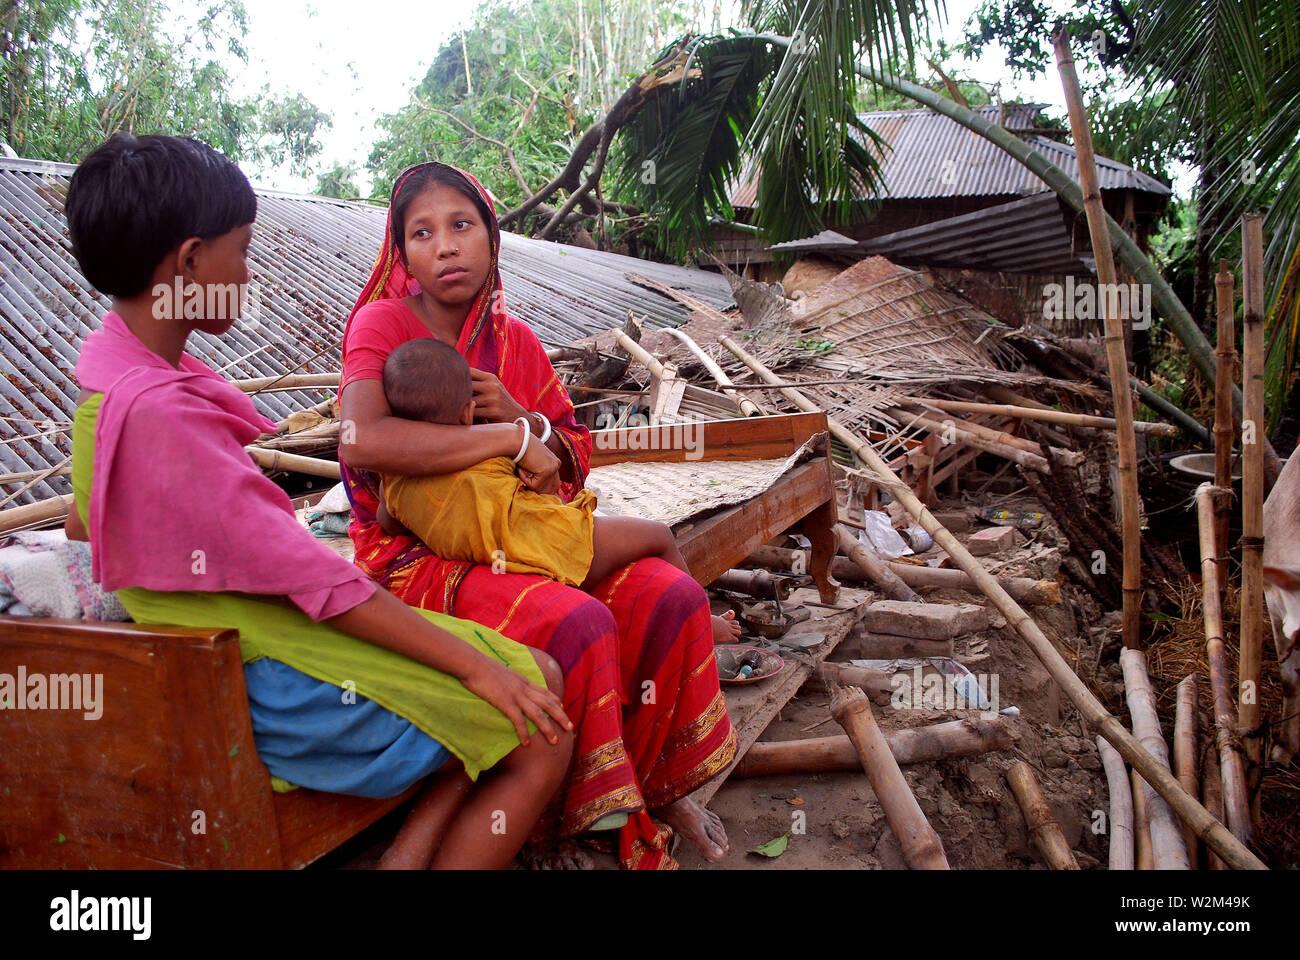 A tornado hits Sundarganj, Sadr and Phulchari upazilla of Gaibandha, injuring at least forty people and damaging three hundred homes in the area. Gaibandha, Bangladesh. October 7, 2009. - Stock Image